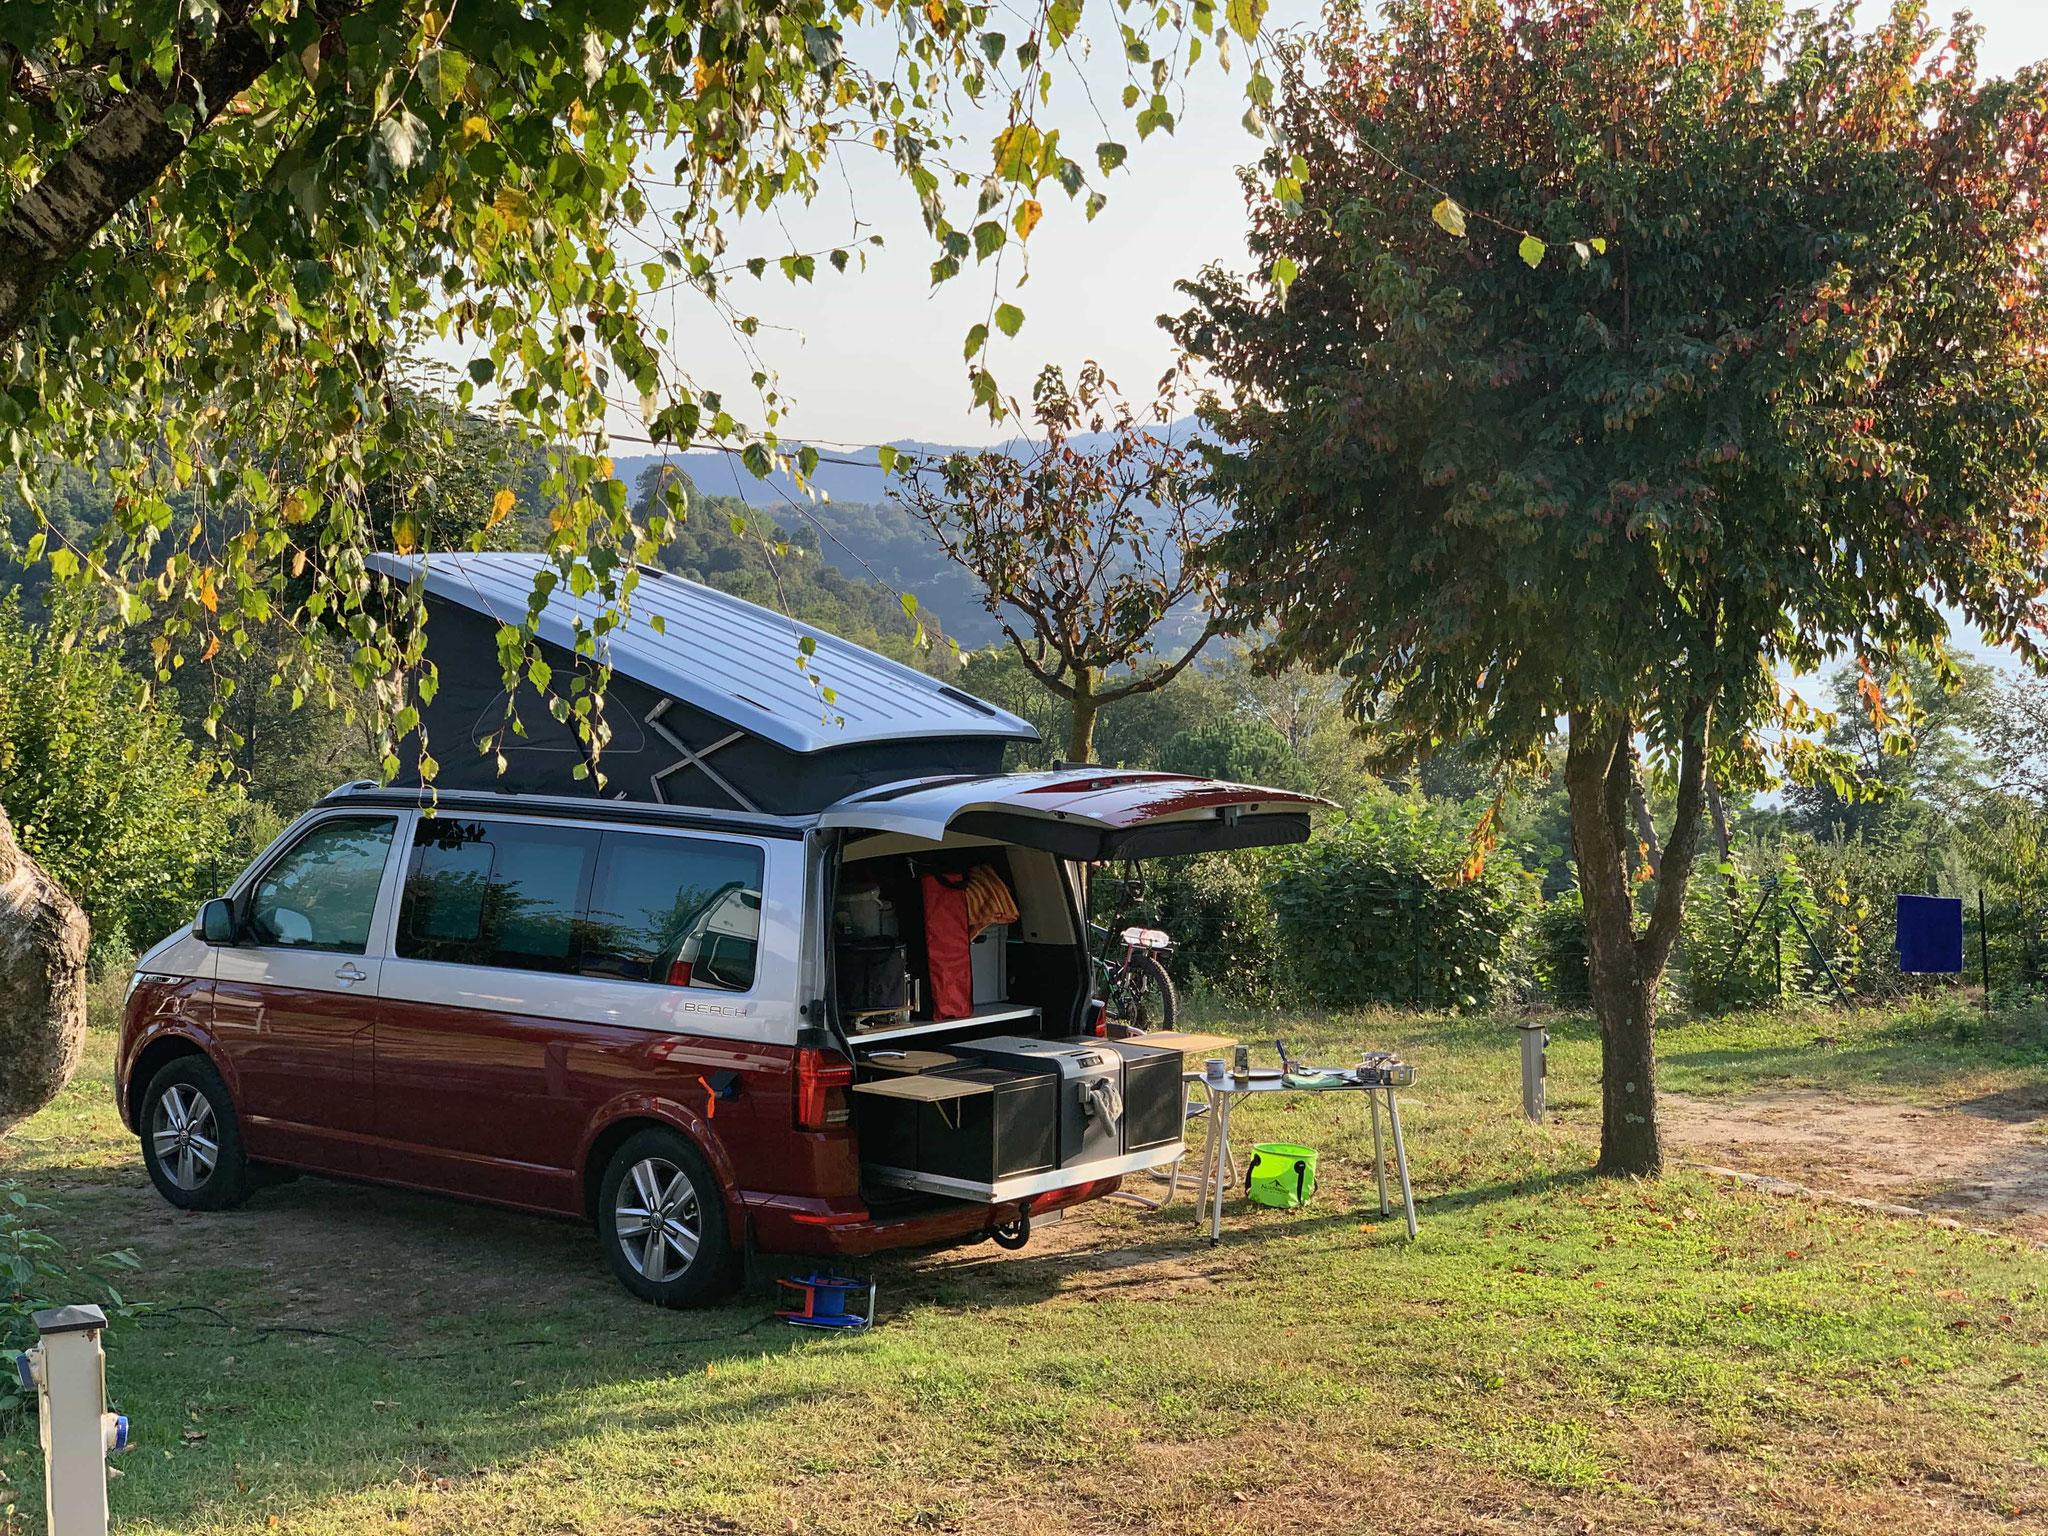 Hirschbulli Der VW-Bus T6.1 California Beach am Ortasee